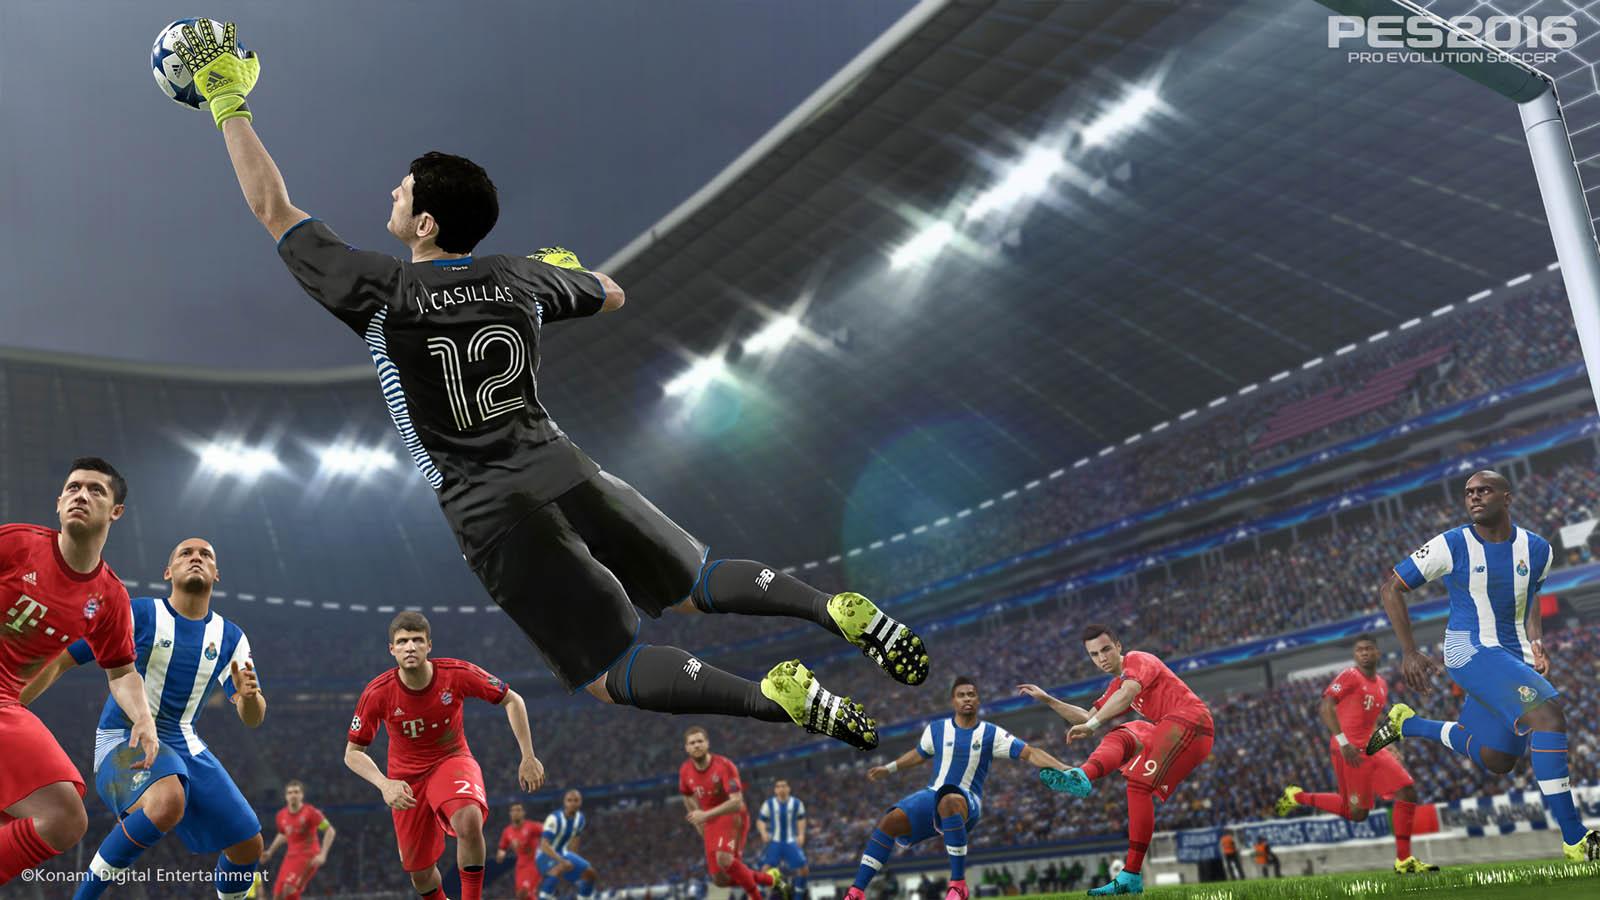 Pro Evolution Soccer 2016 - Impresiones con la demo Avance - Gamereactor e07596e74252f